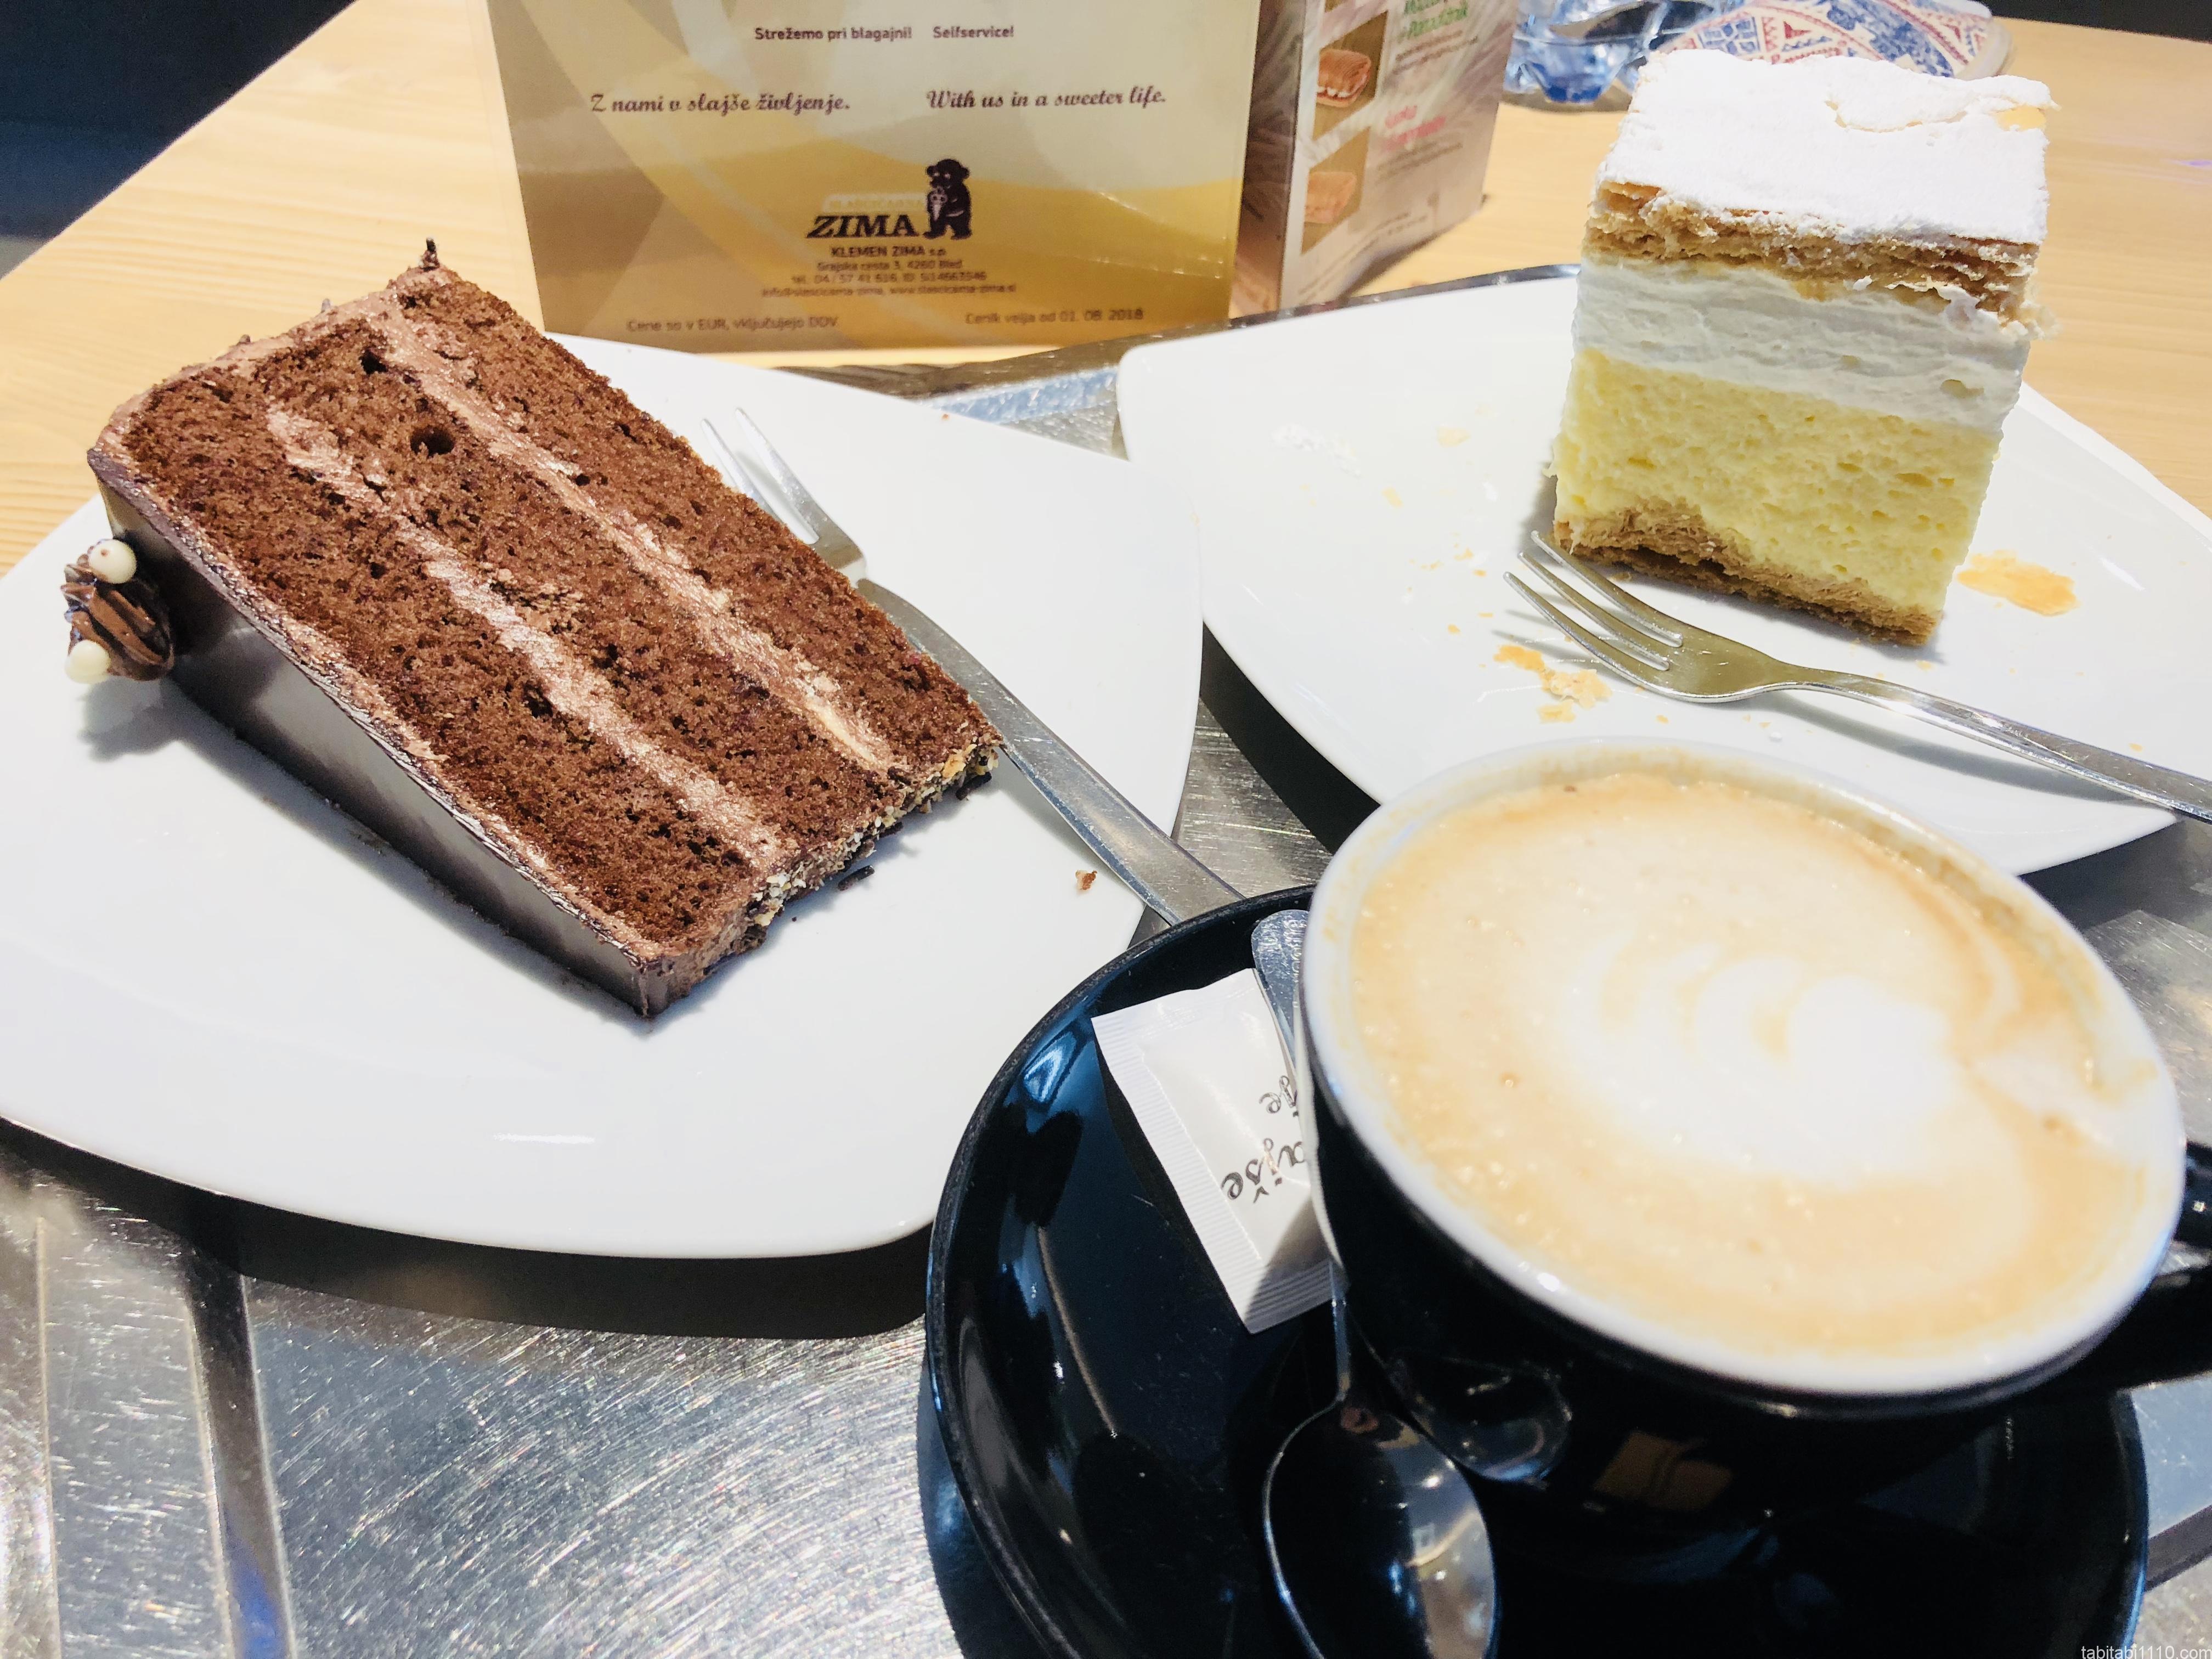 ブレッド|ZIMA|ケーキ